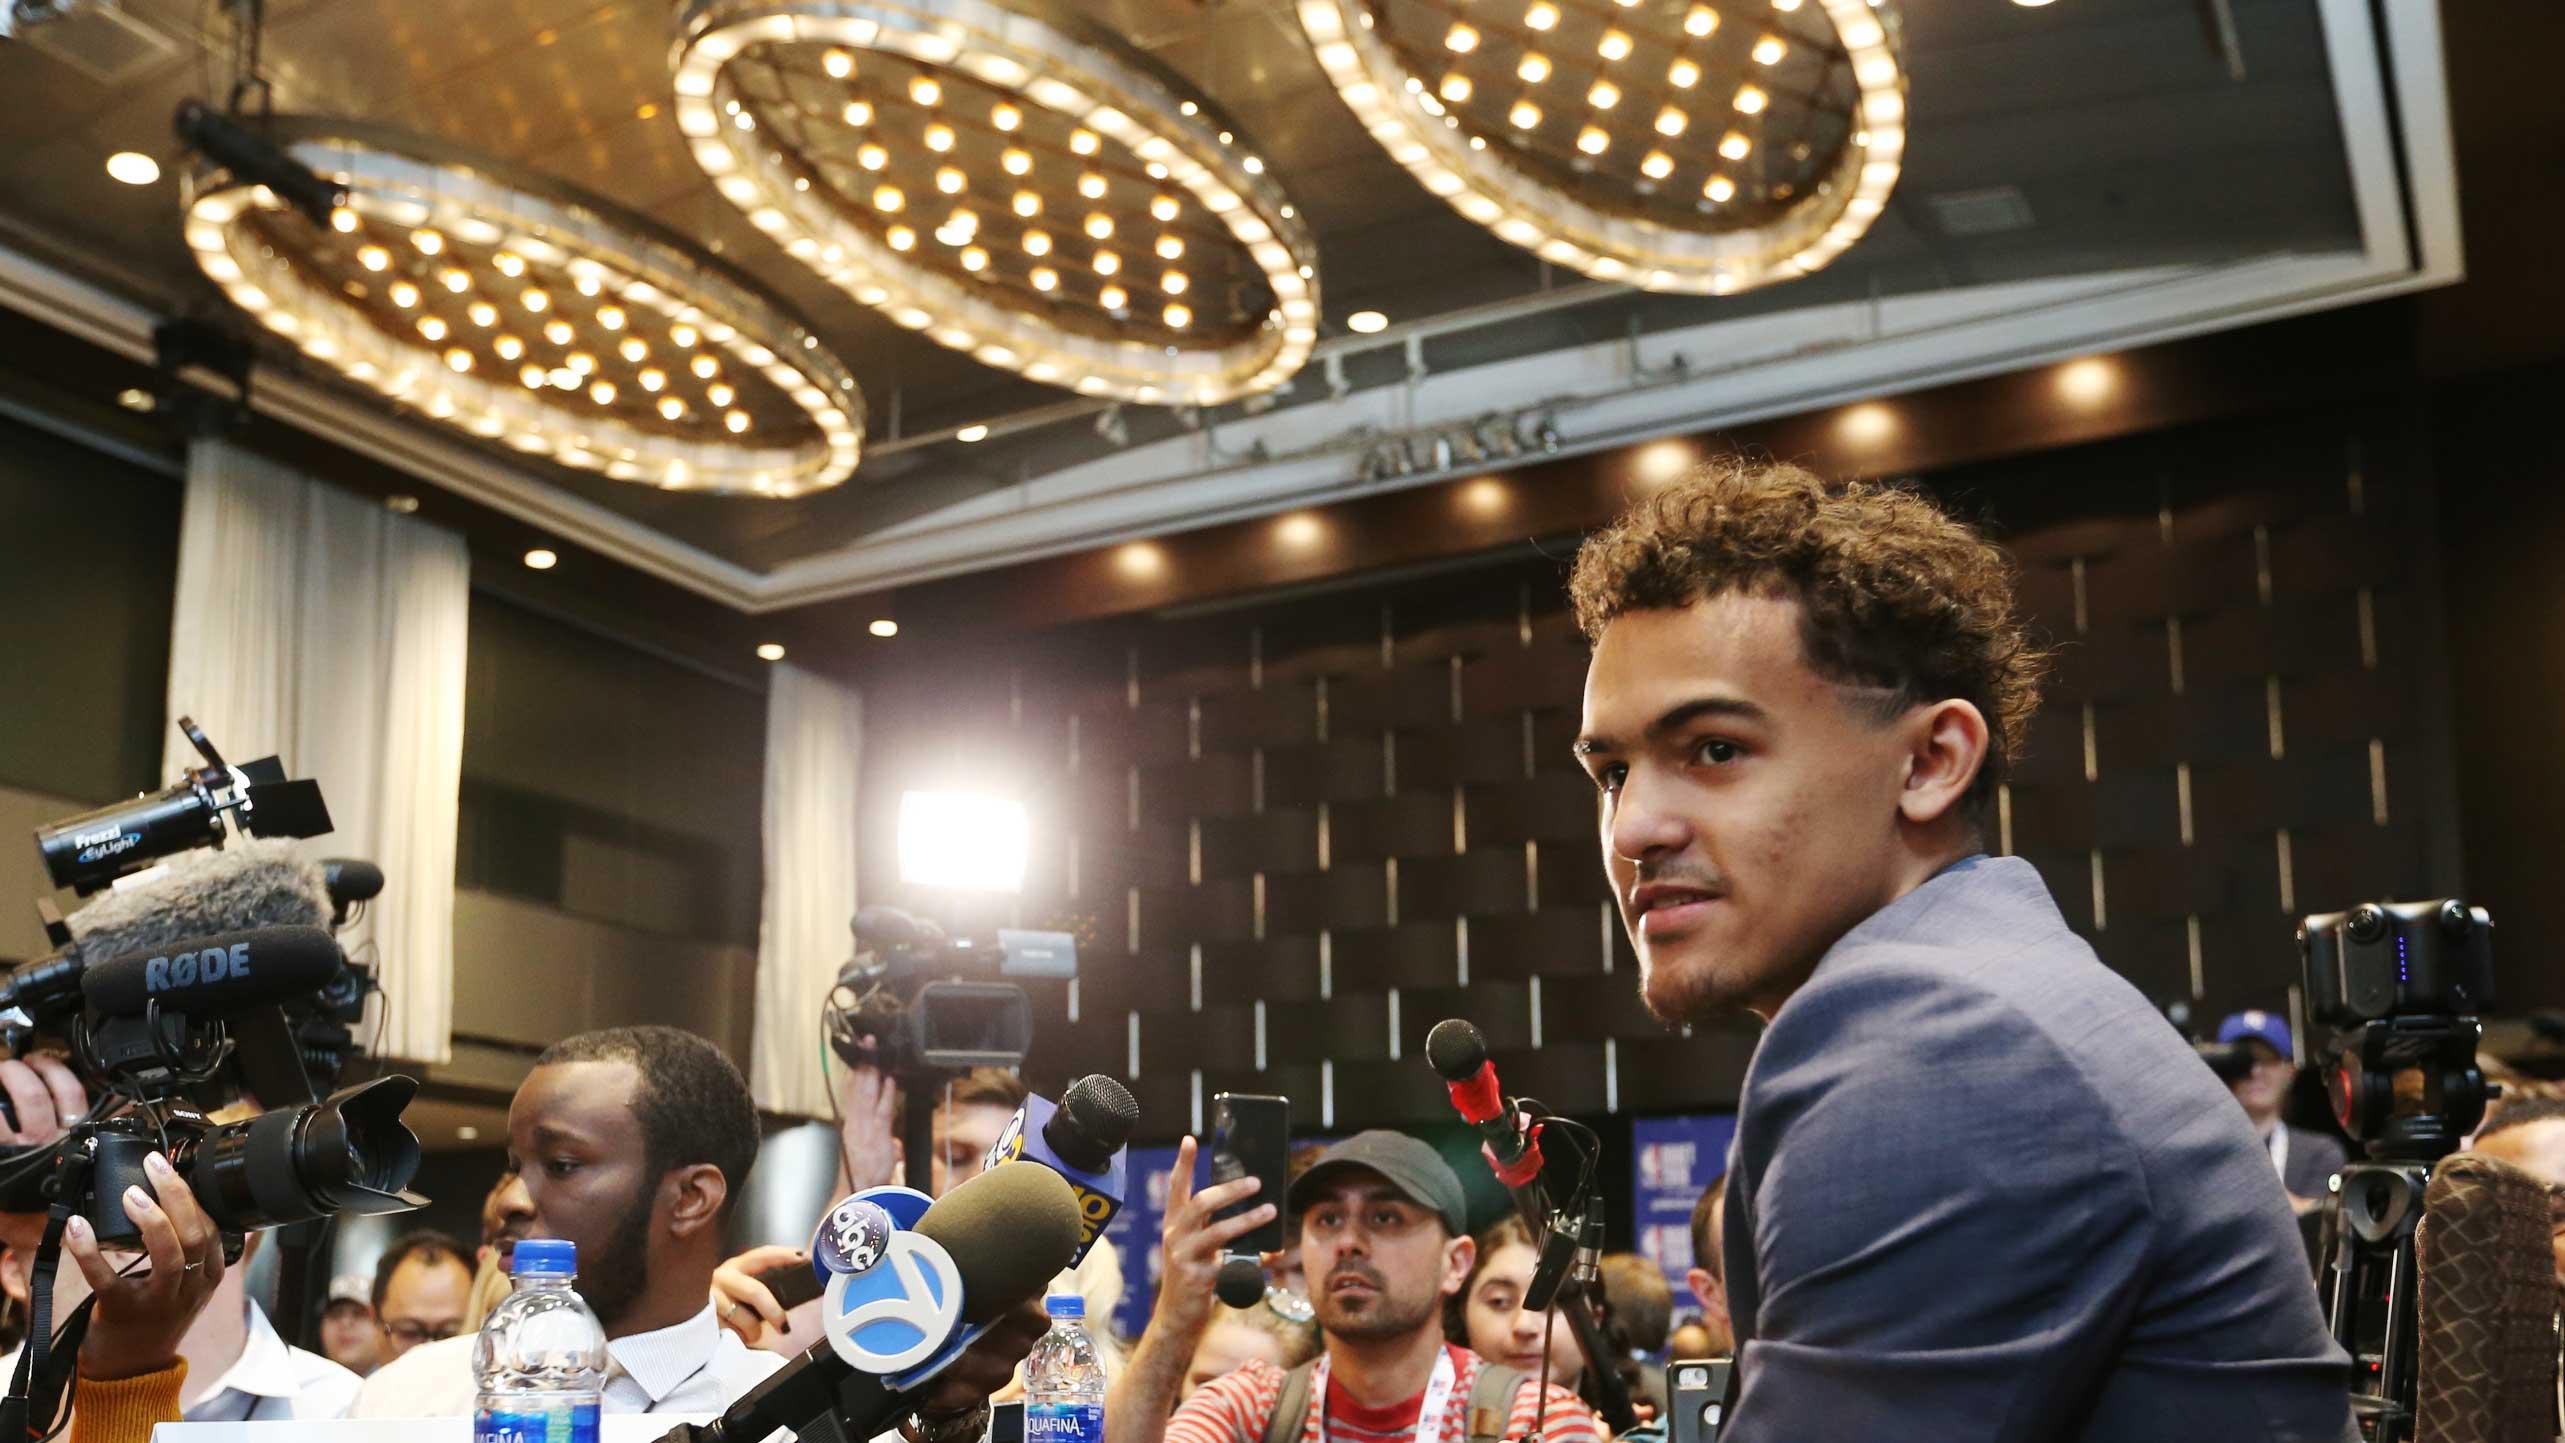 2018 NBA Draft – Media Availability and Portraits